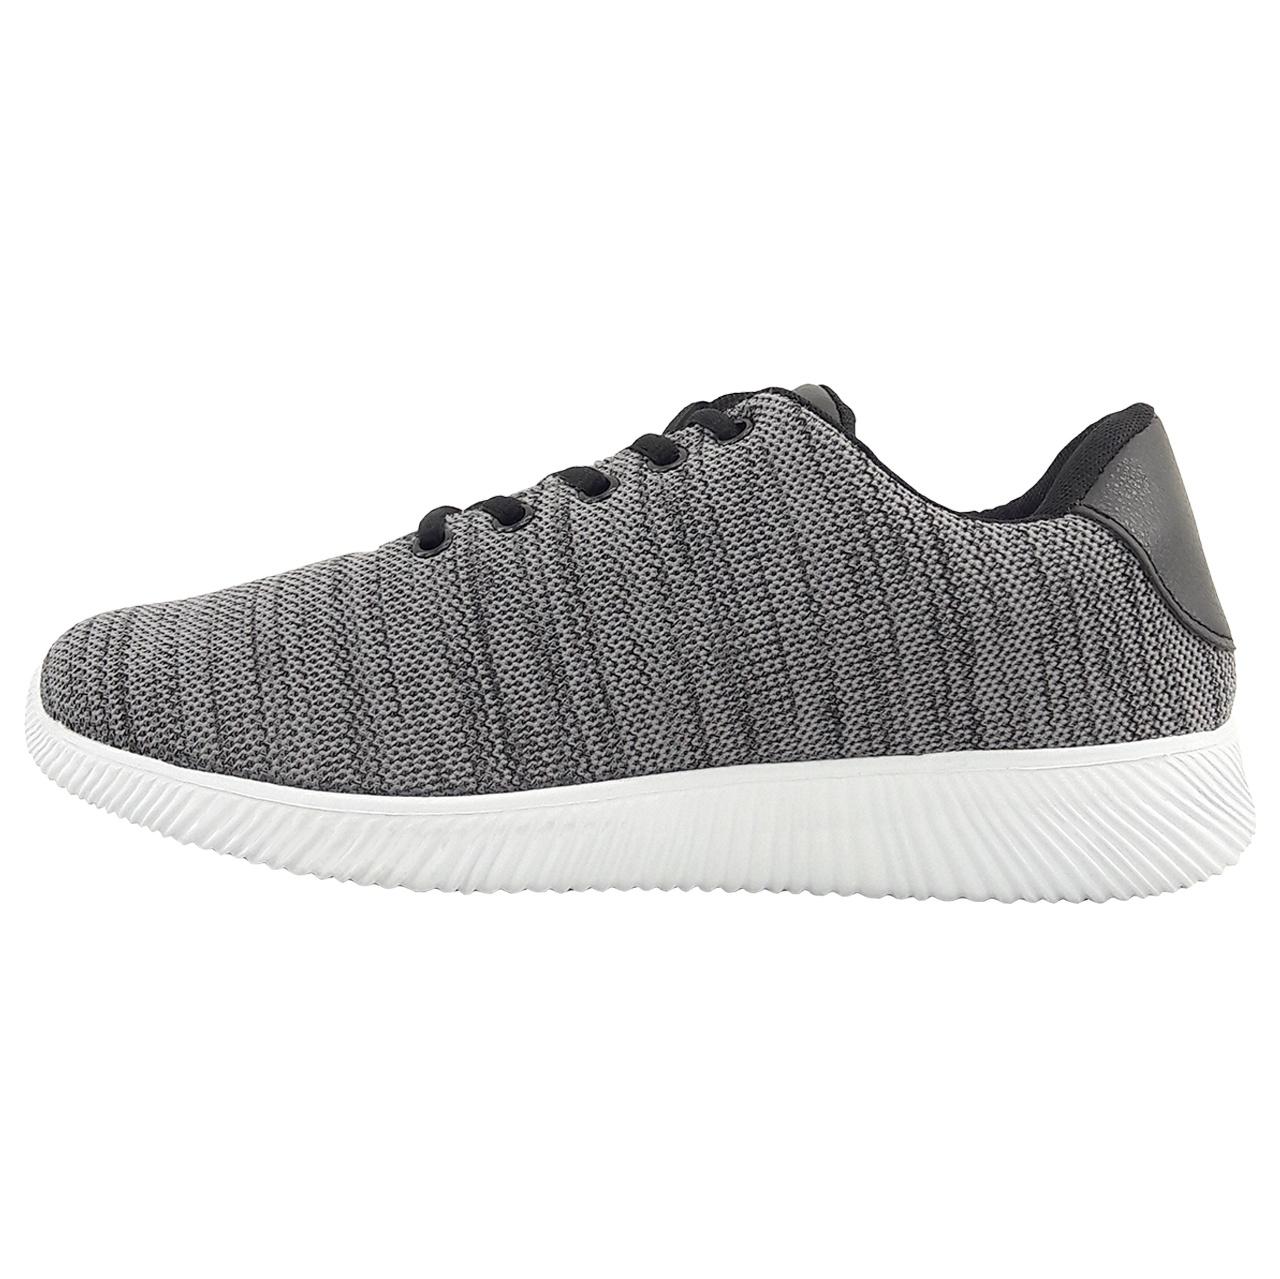 کفش مخصوص پیاده روی زنانه مدل Gnv.knf.gr01